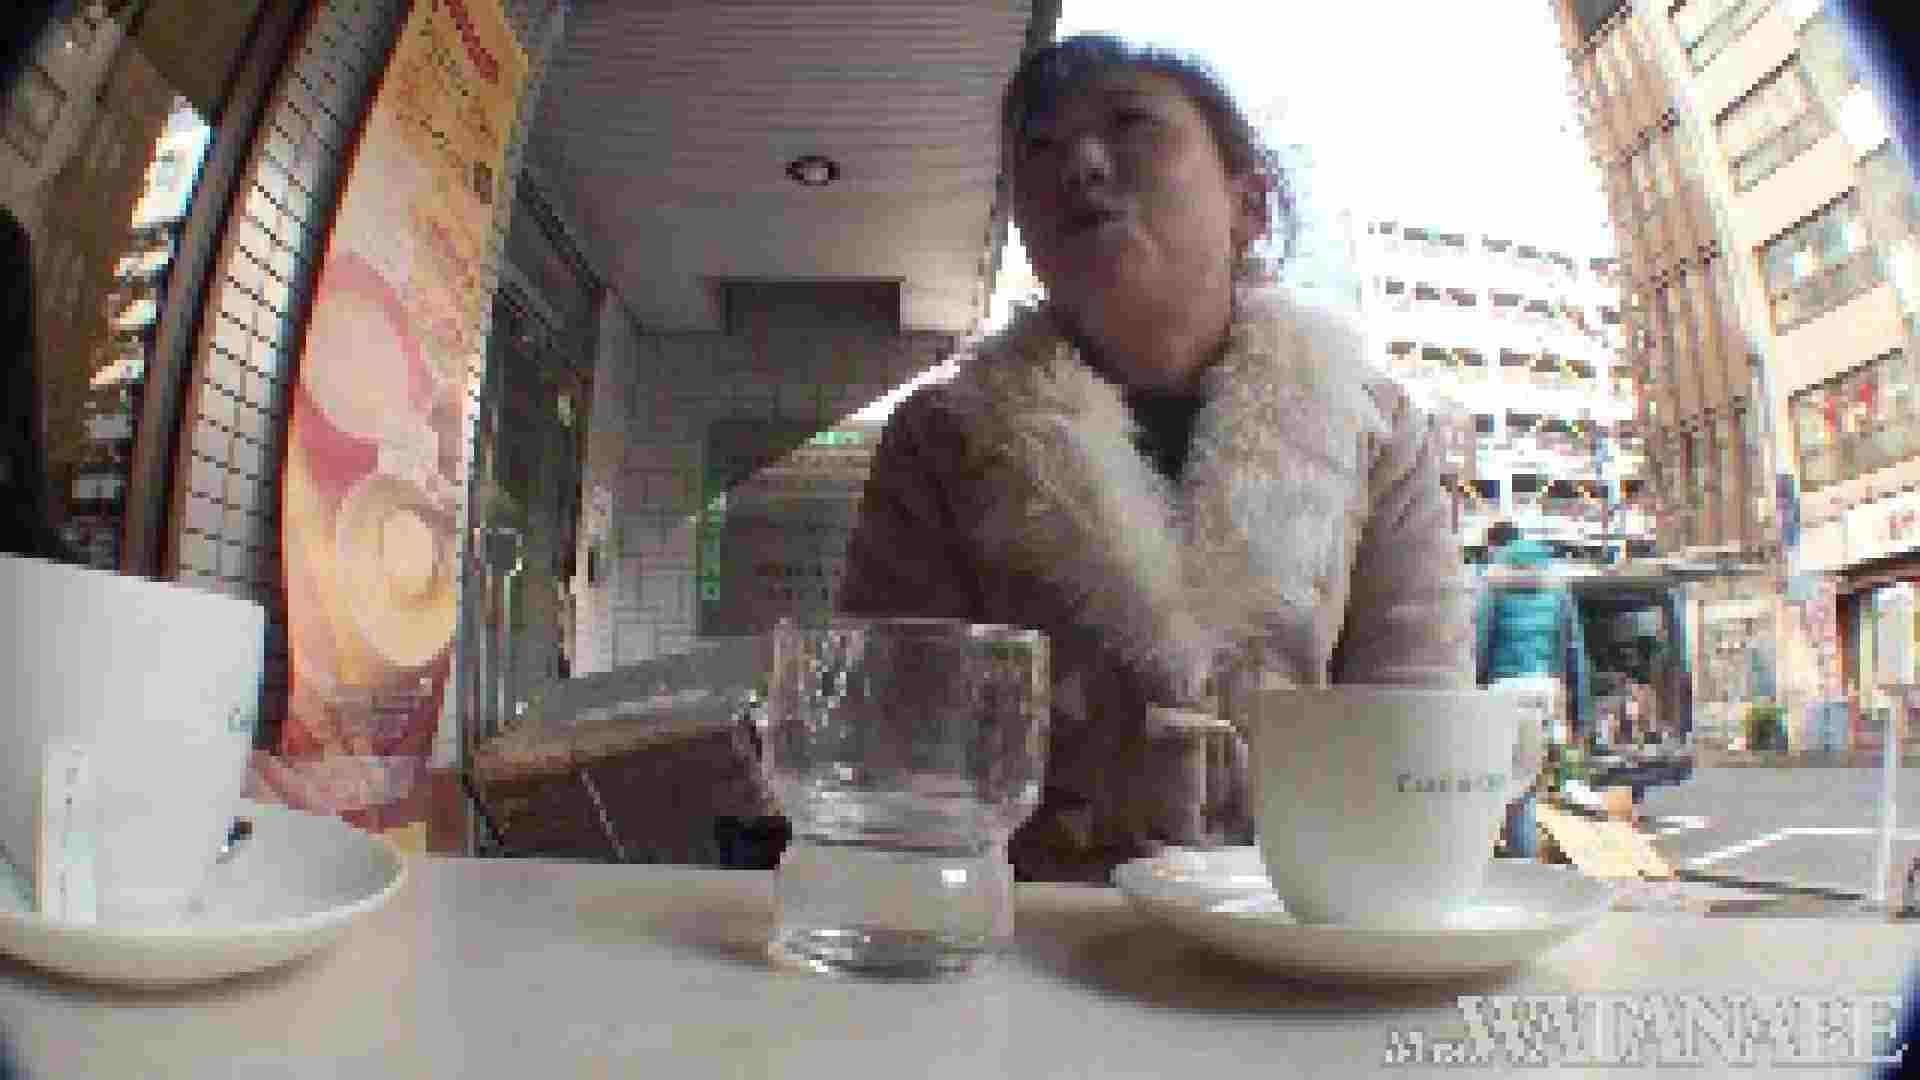 撮影スタッフを誘惑する痴熟女 かおり40歳 Vol.01 OLのエッチ オマンコ動画キャプチャ 73pic 54